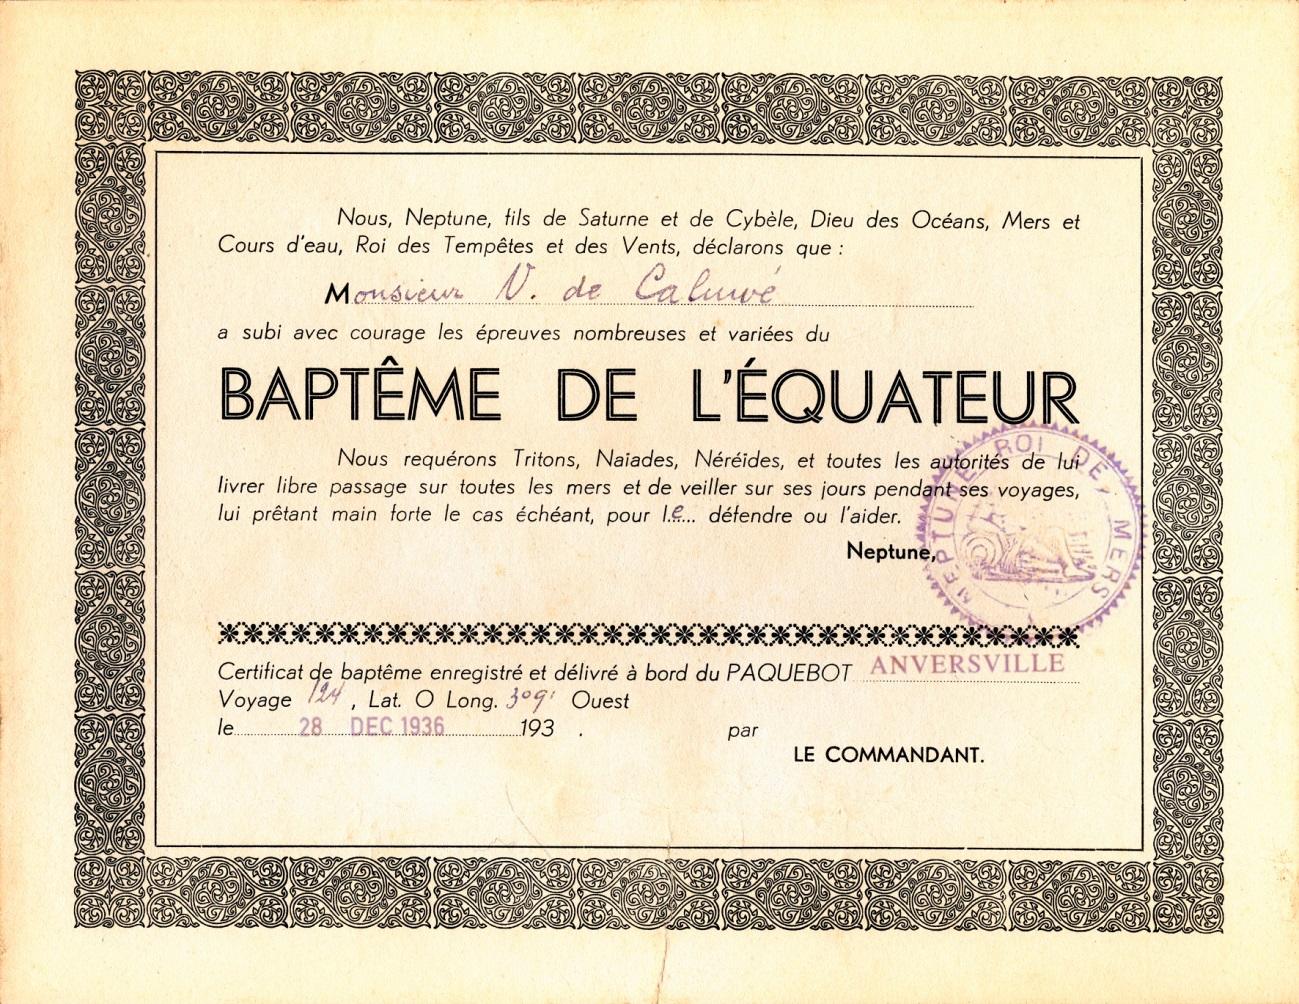 ss ANVERSVILLE, 1937 - Certificat de Baptême de l'équateur de Victor de Caluwé